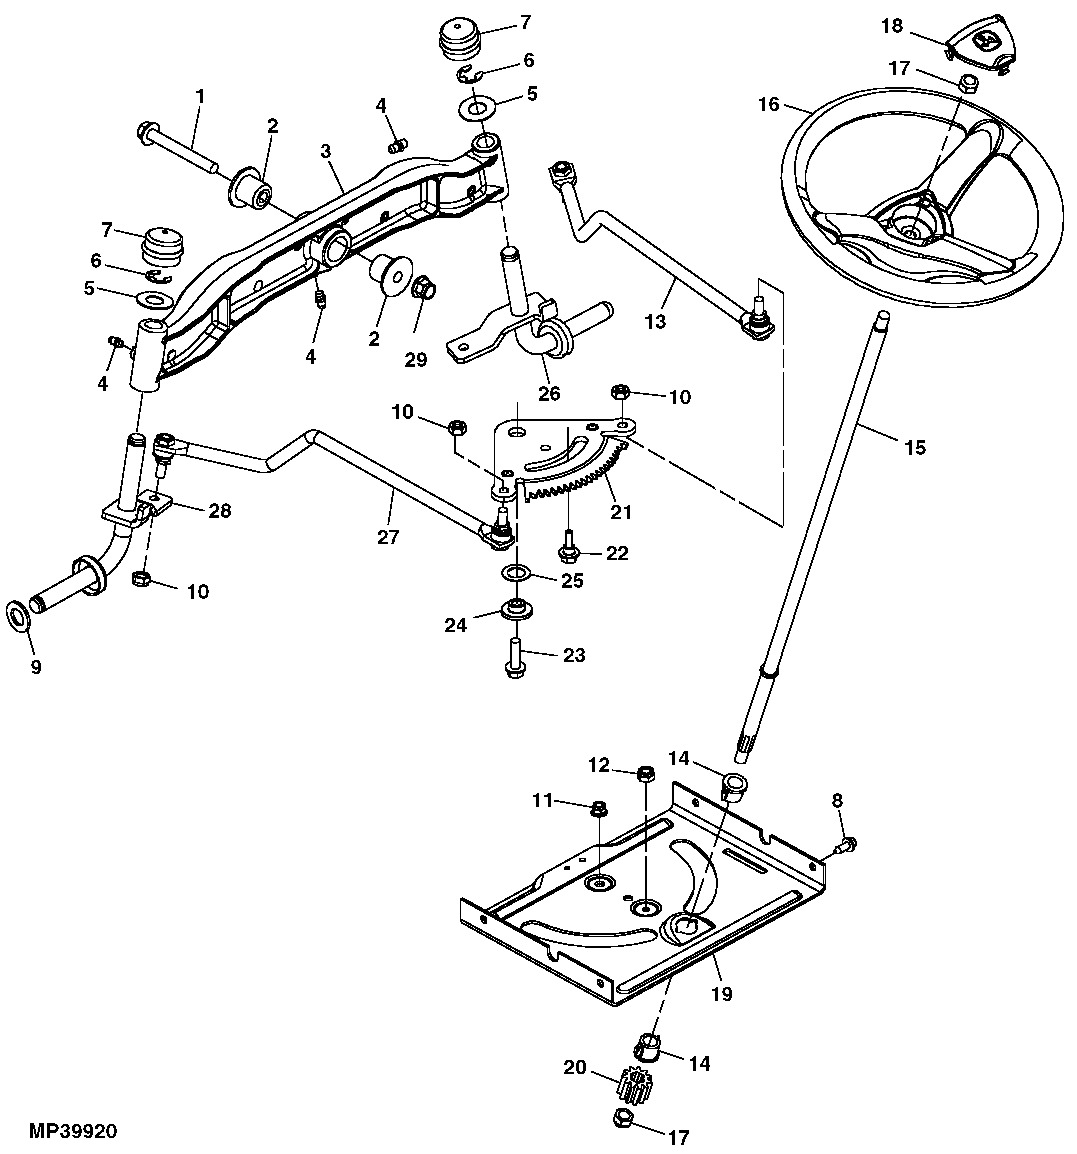 John Deere La145 Parts